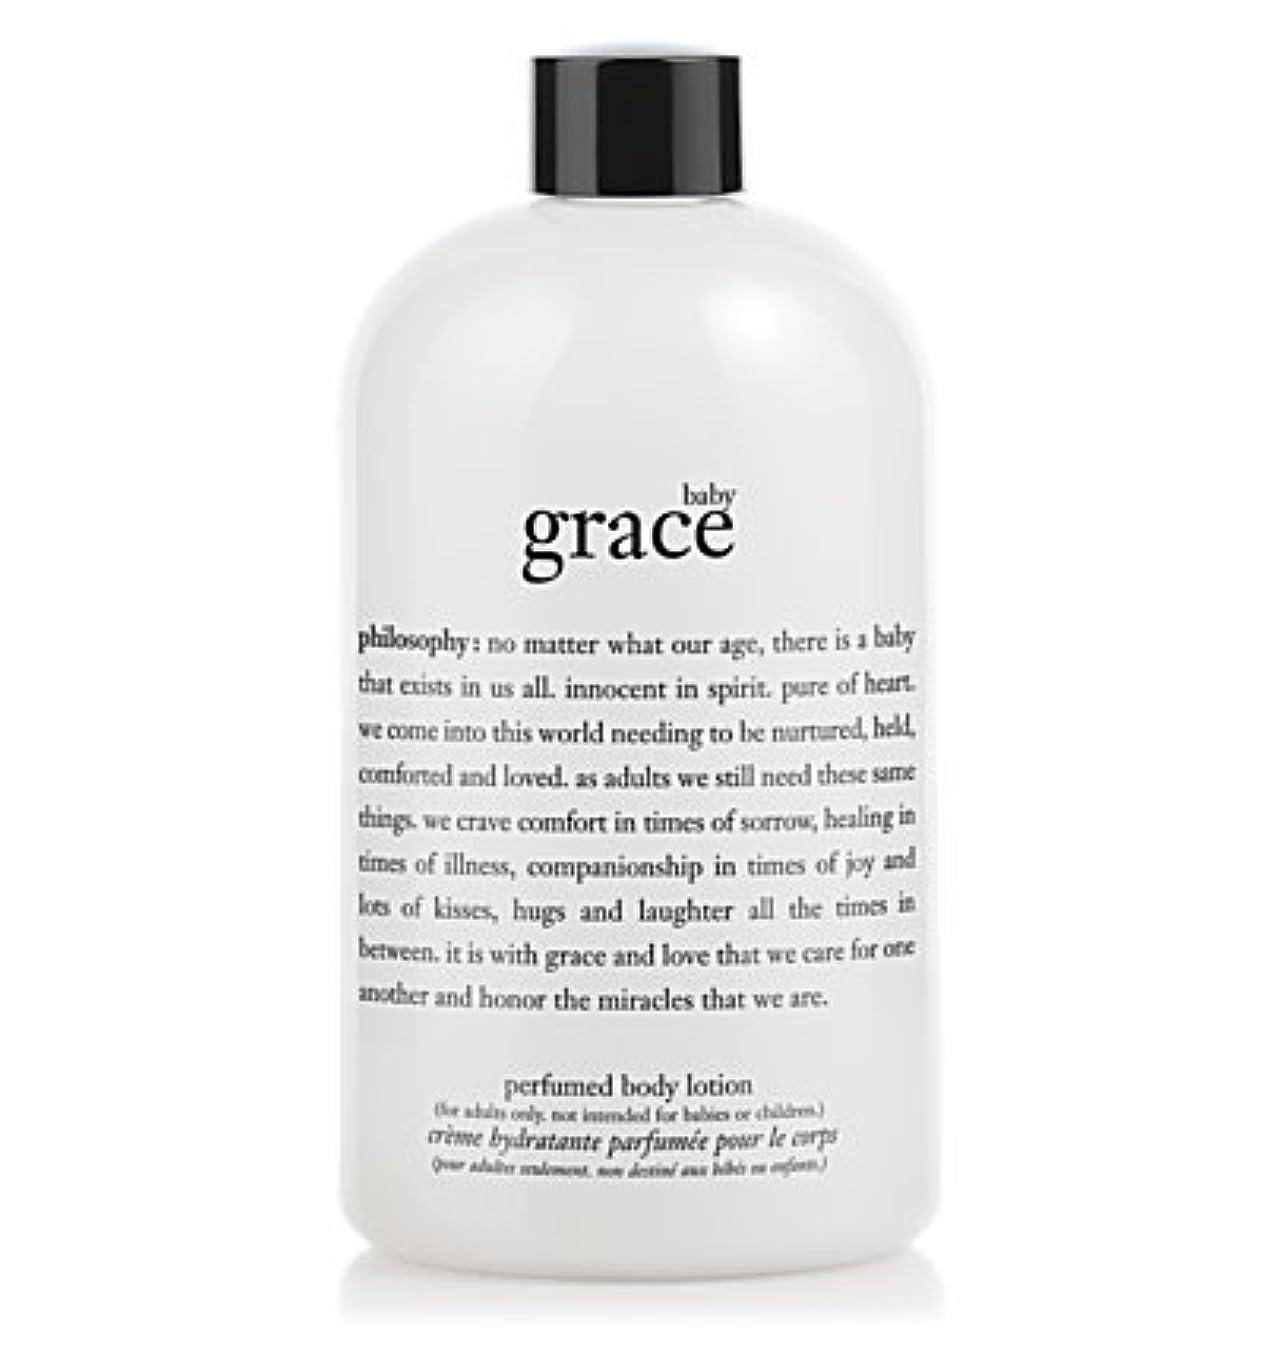 クリープオン目の前のbaby grace (ベビーグレイス ) 16.0 oz (480 ml) perfumed body lotion for Women